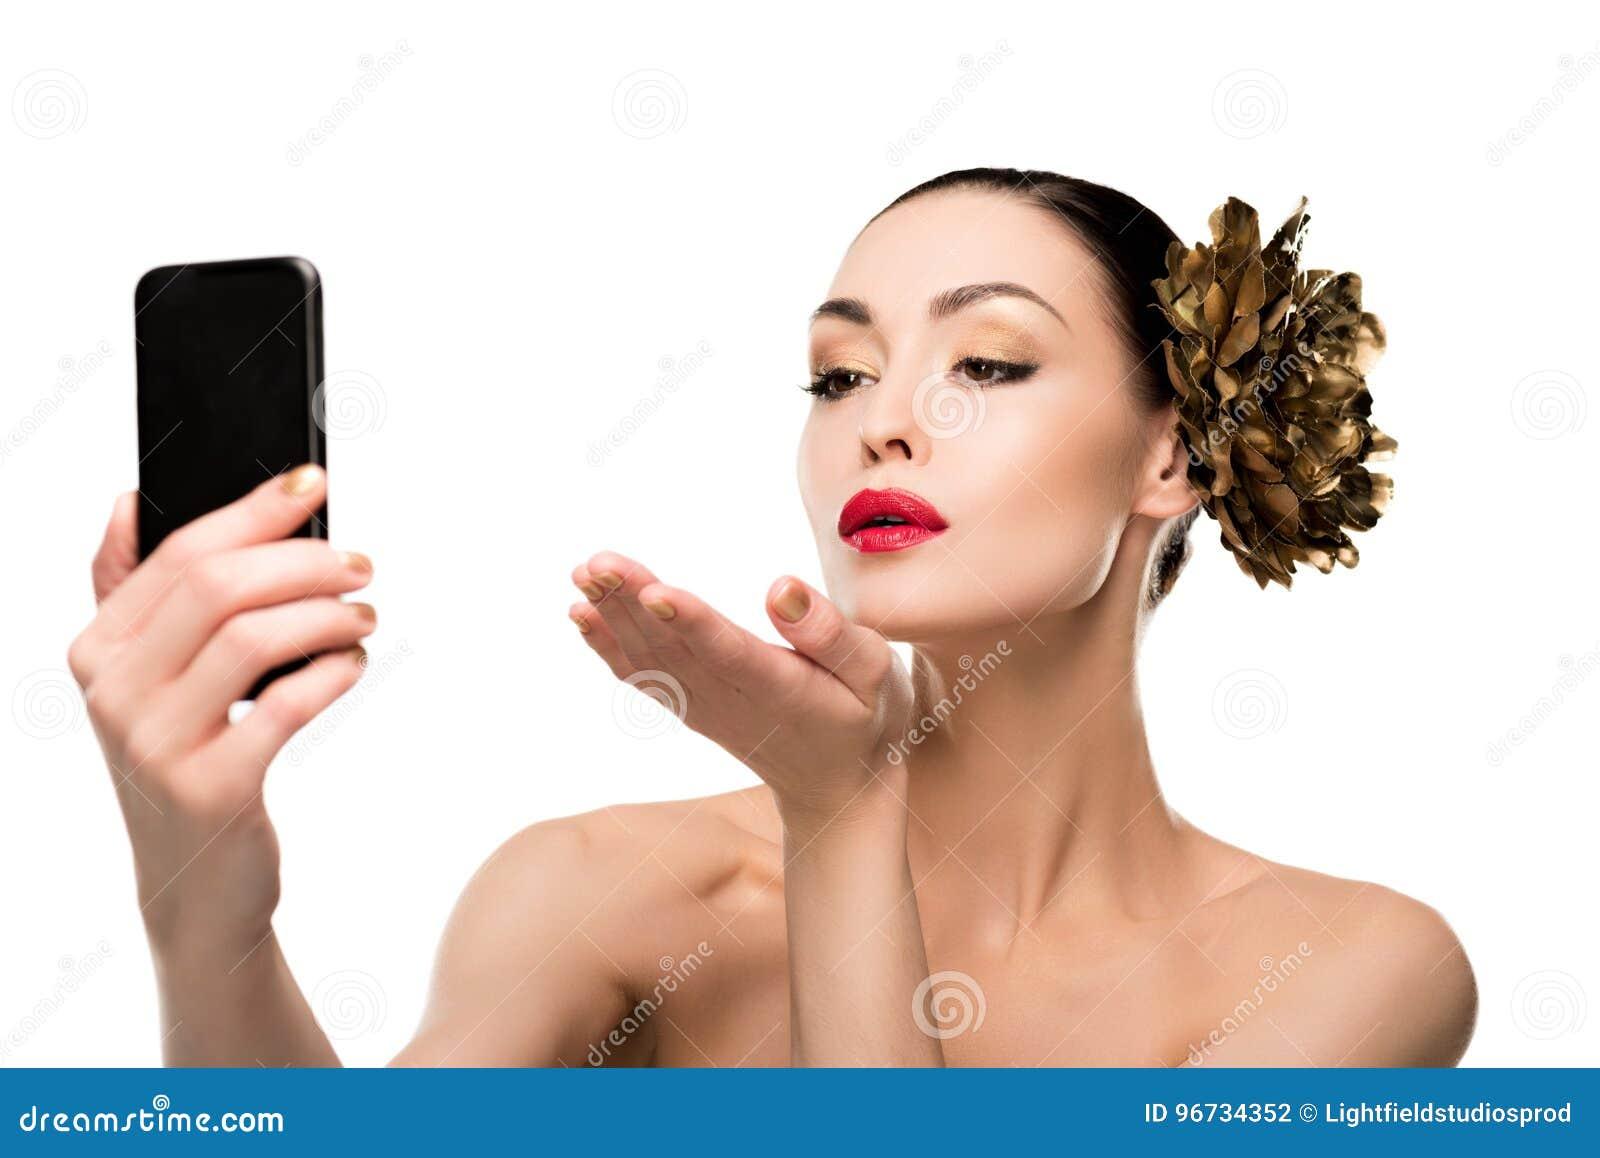 Selfies von jungs nackt